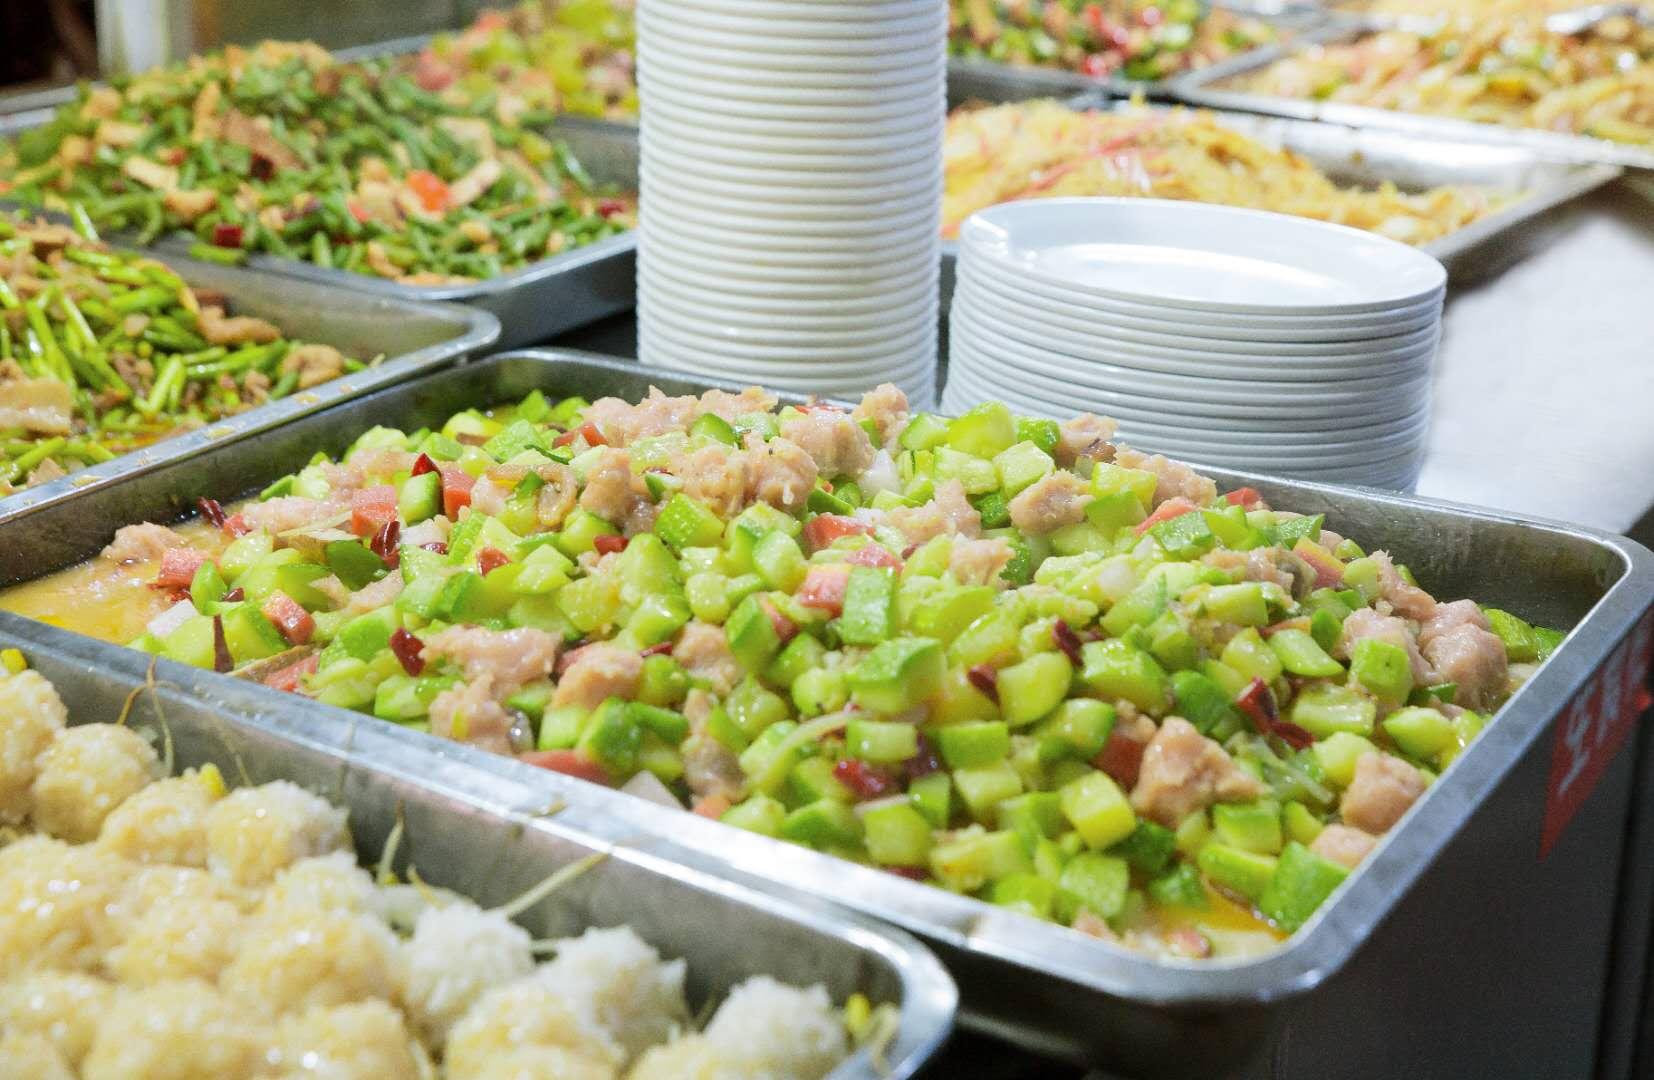 食堂承包推荐-想要专业的食堂承包服务就找新亿德餐饮